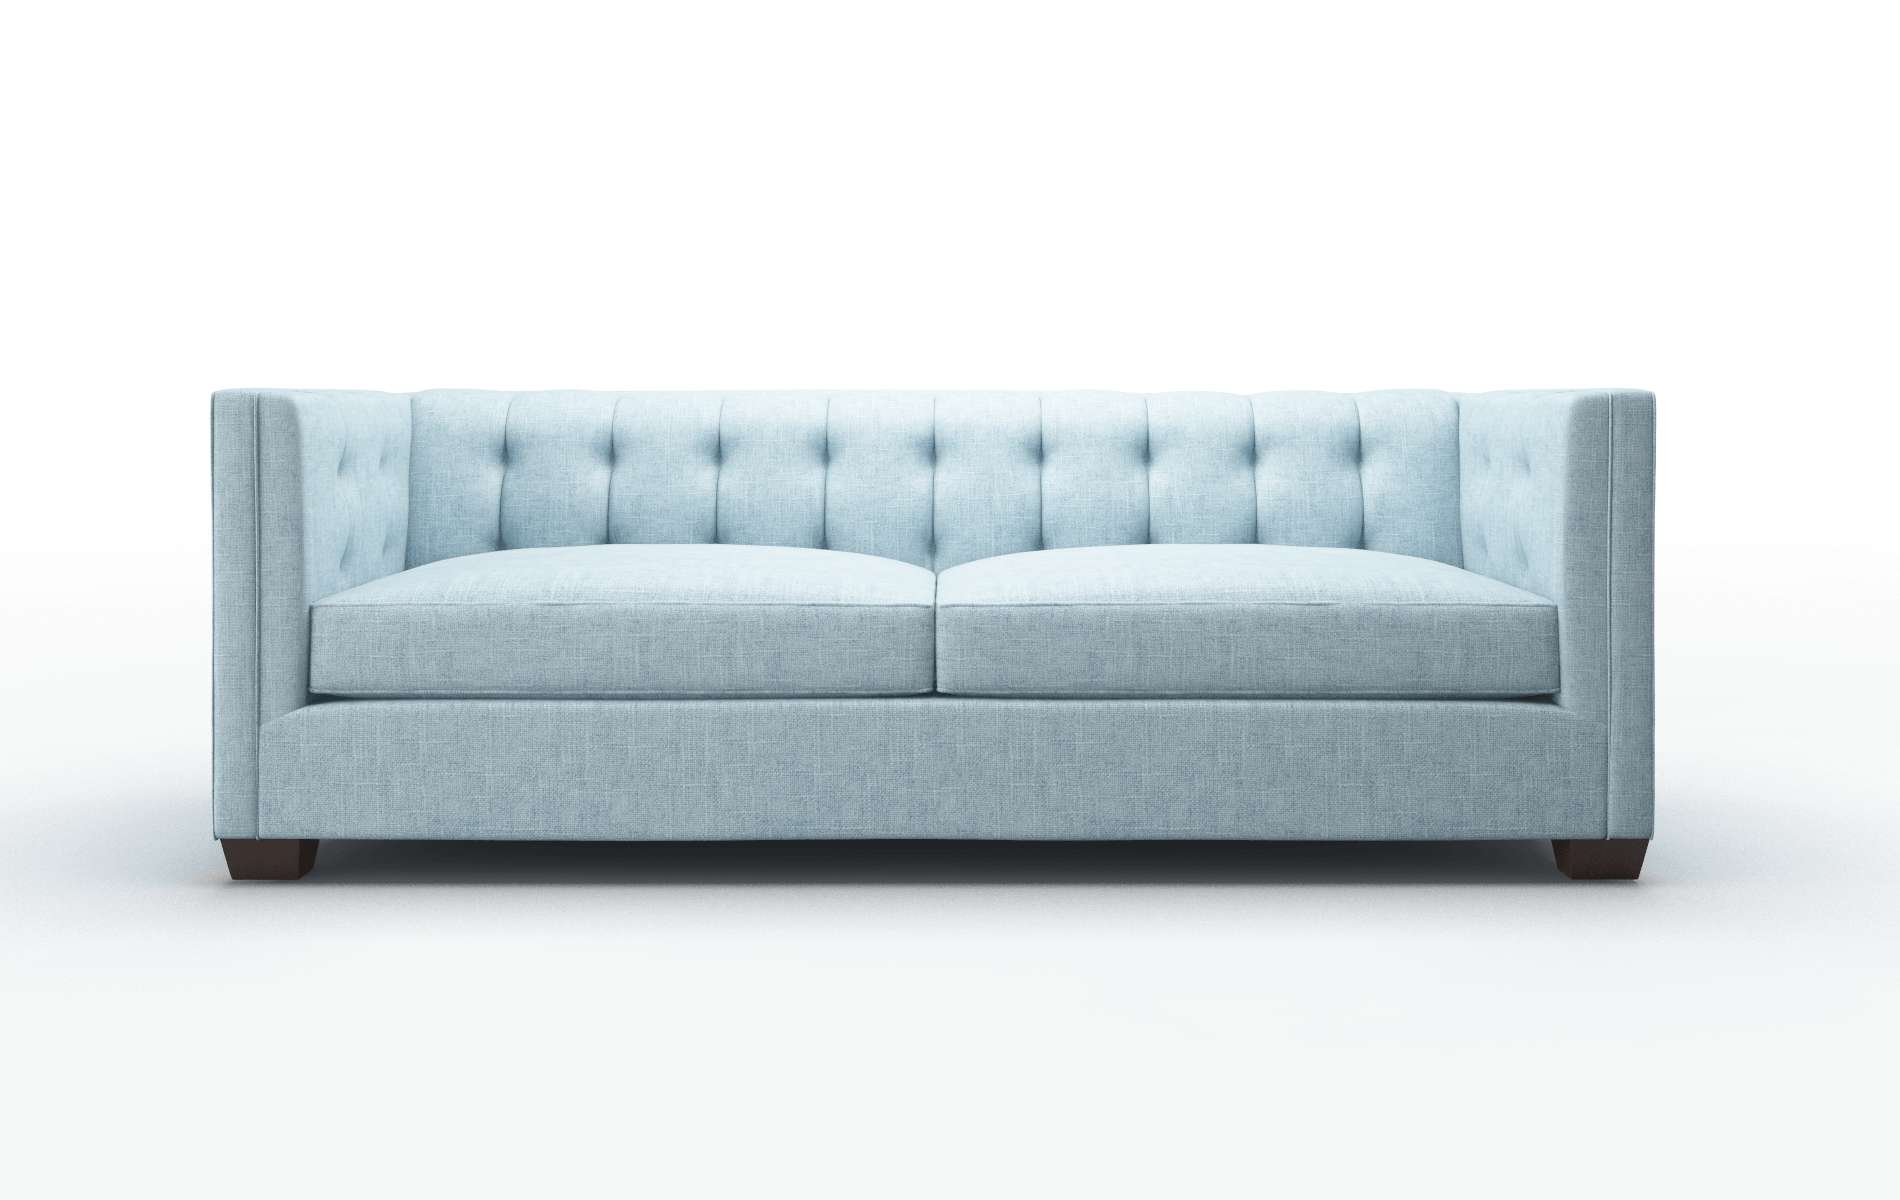 Grant Atlas Turquoise Sofa espresso legs 1